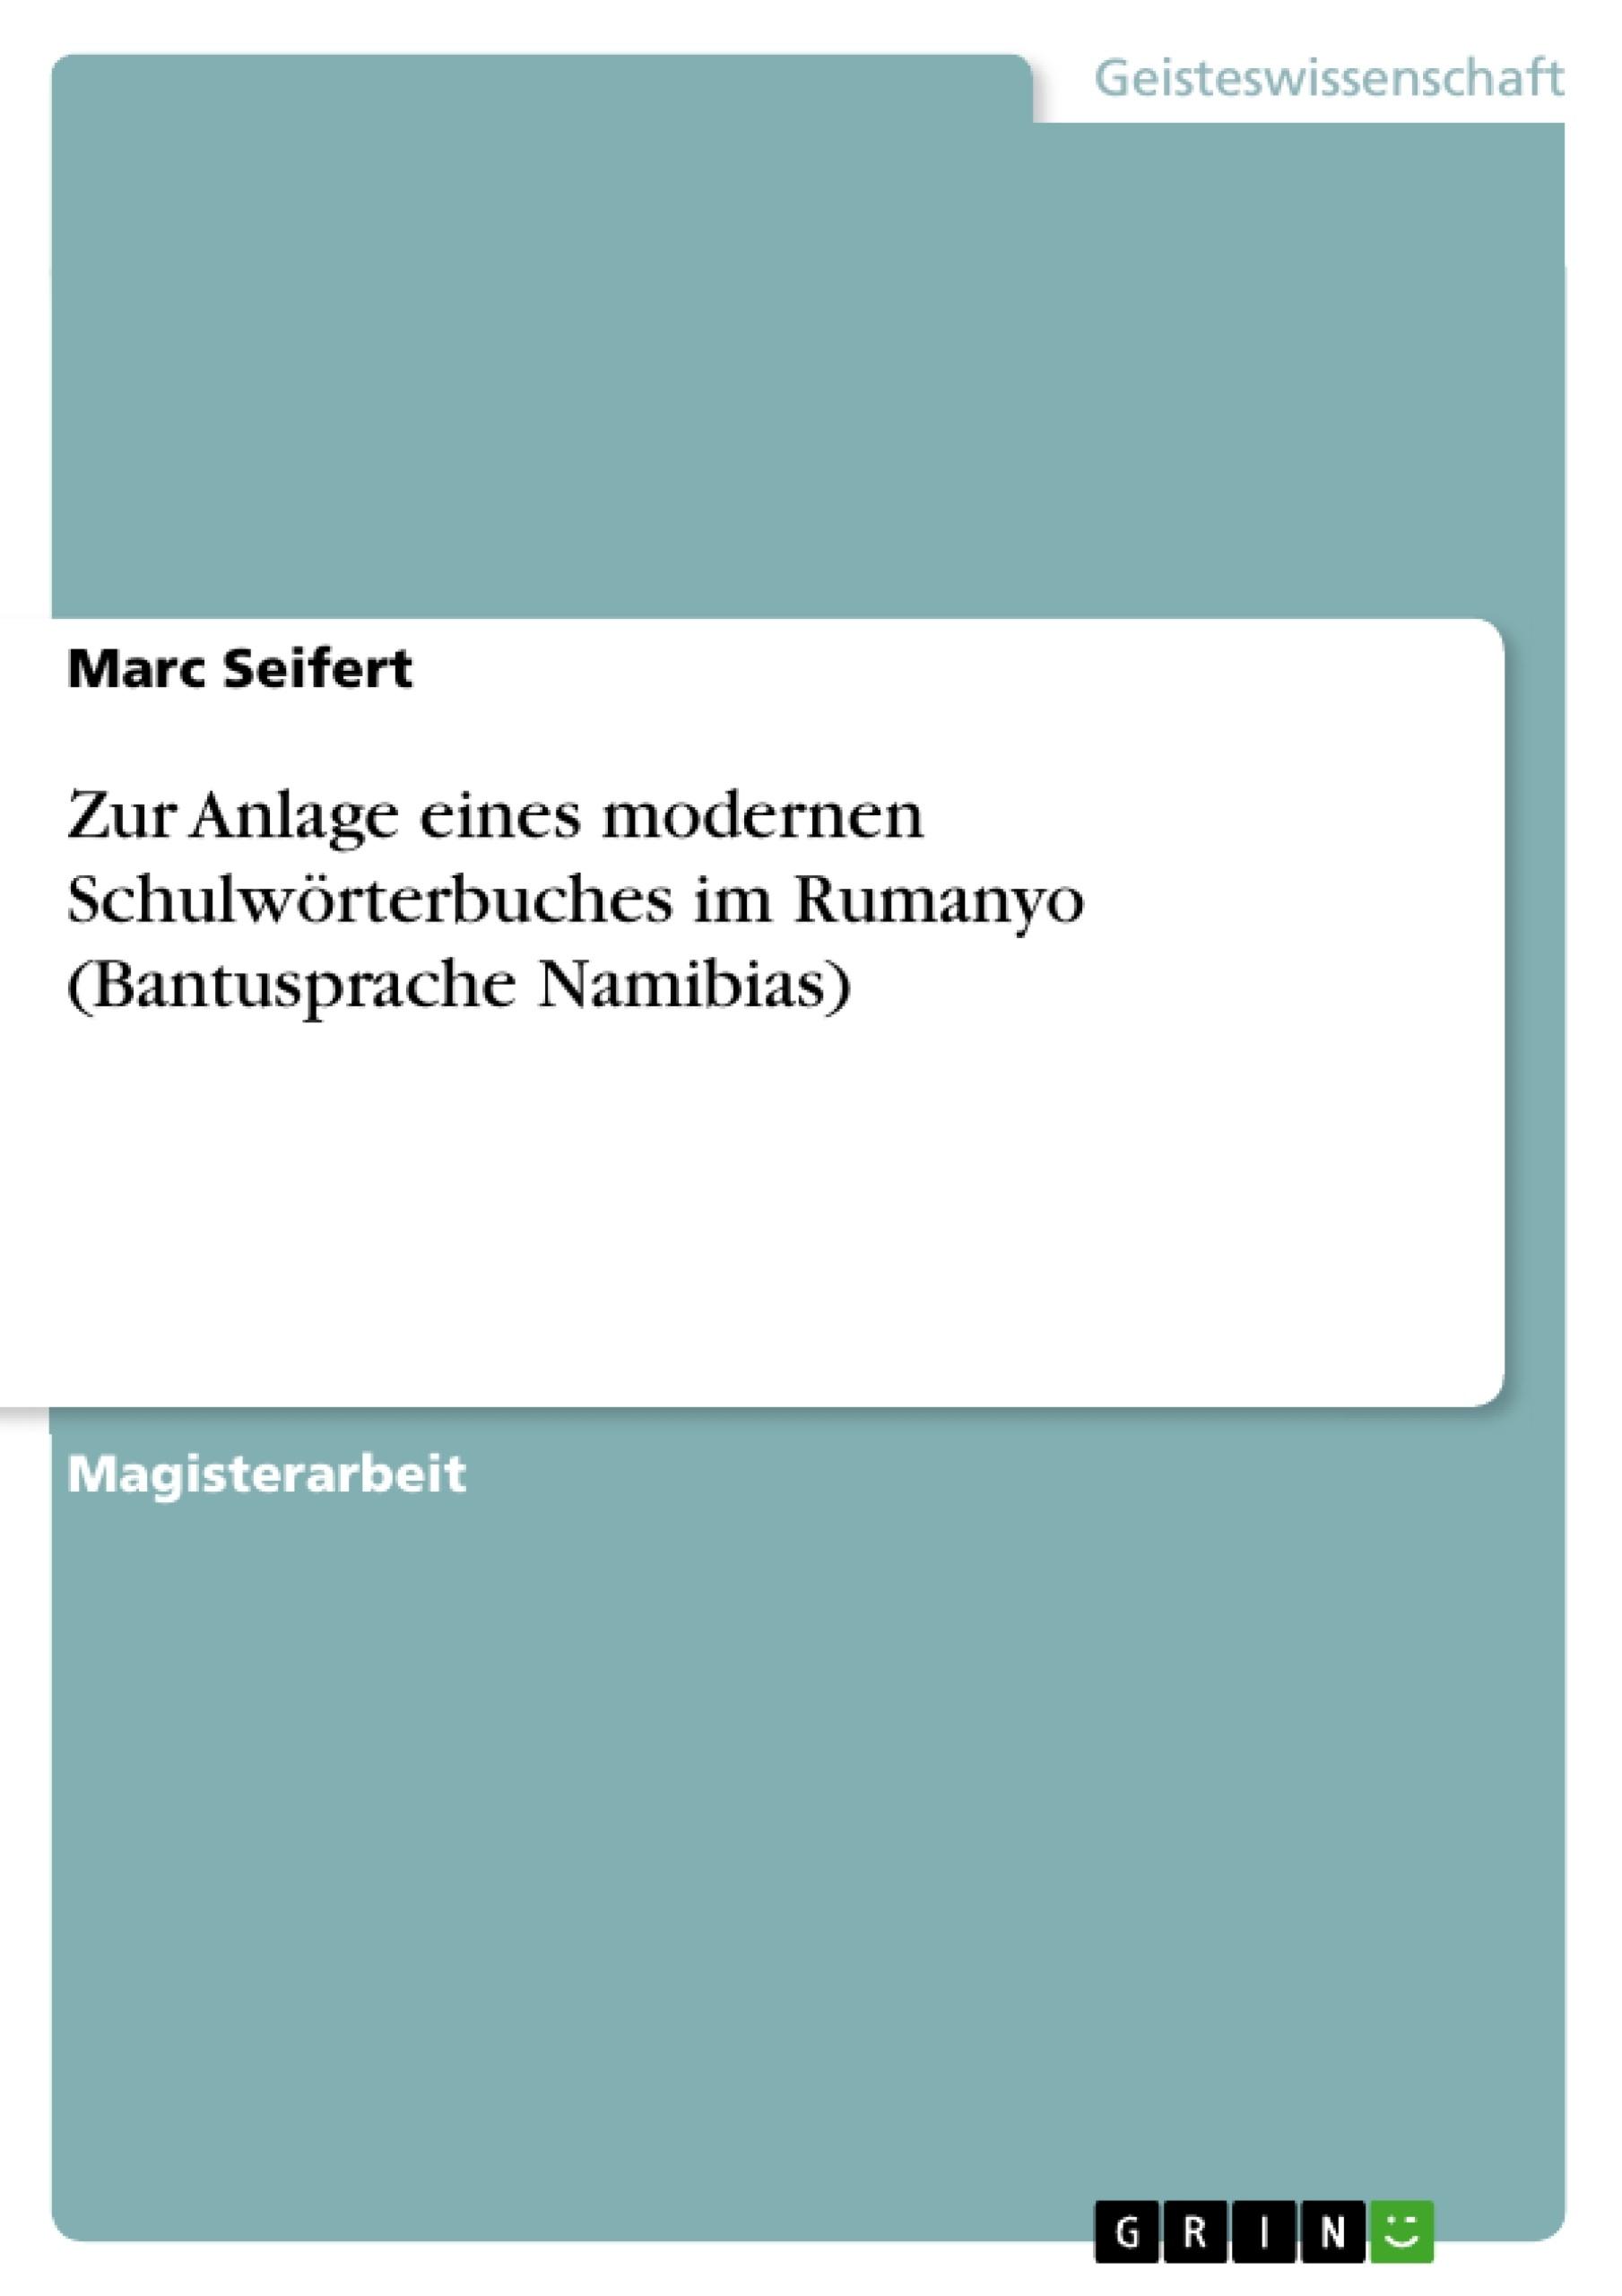 Titel: Zur Anlage eines modernen Schulwörterbuches im Rumanyo (Bantusprache Namibias)